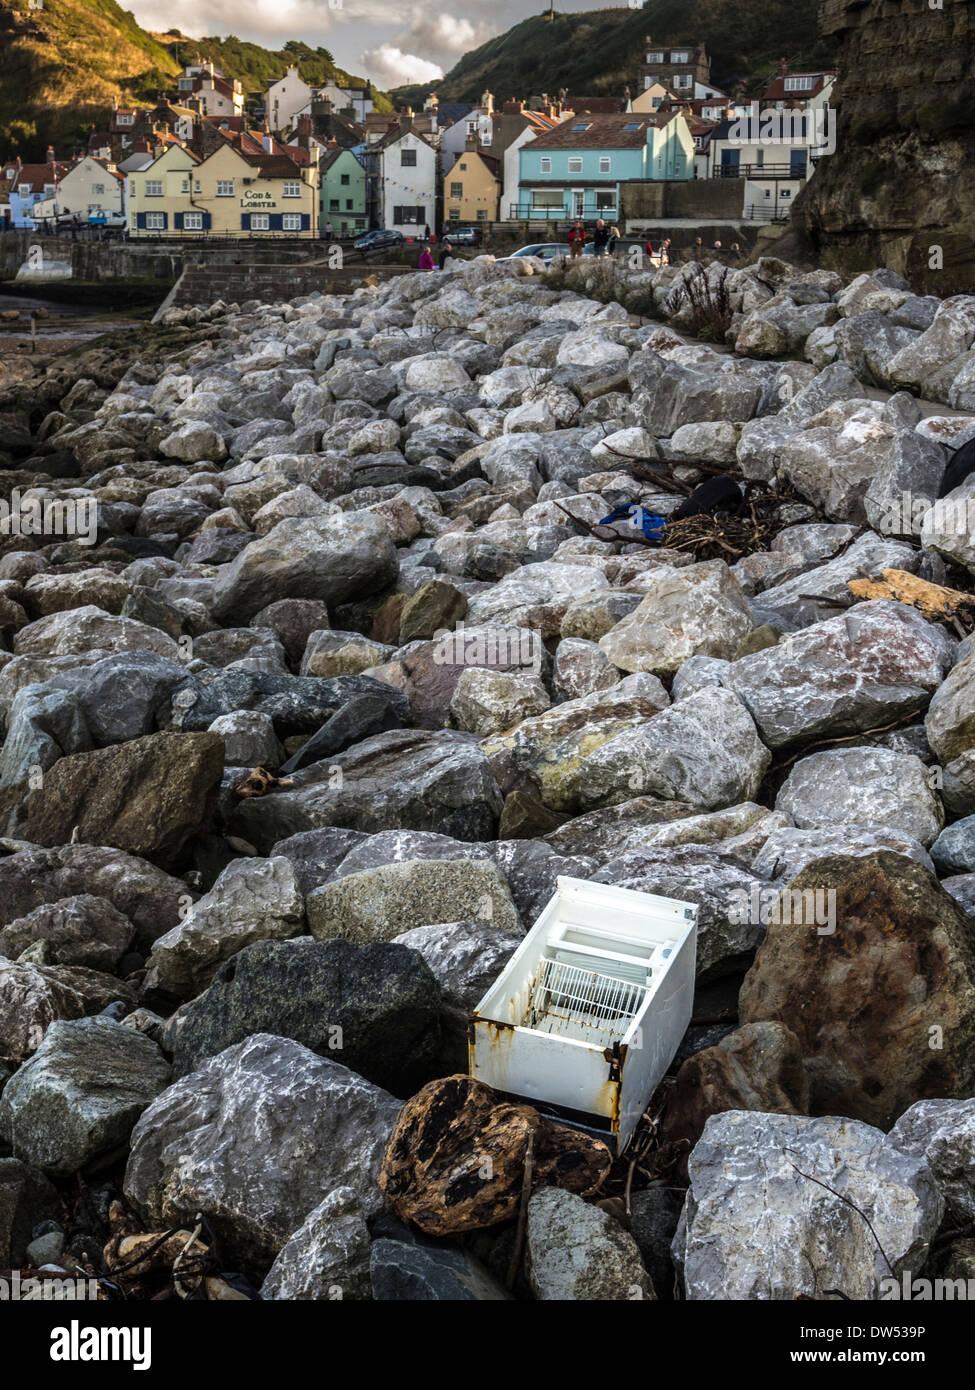 Scartato frigo lavato fino sulle rocce a Staithes, UK. Immagini Stock